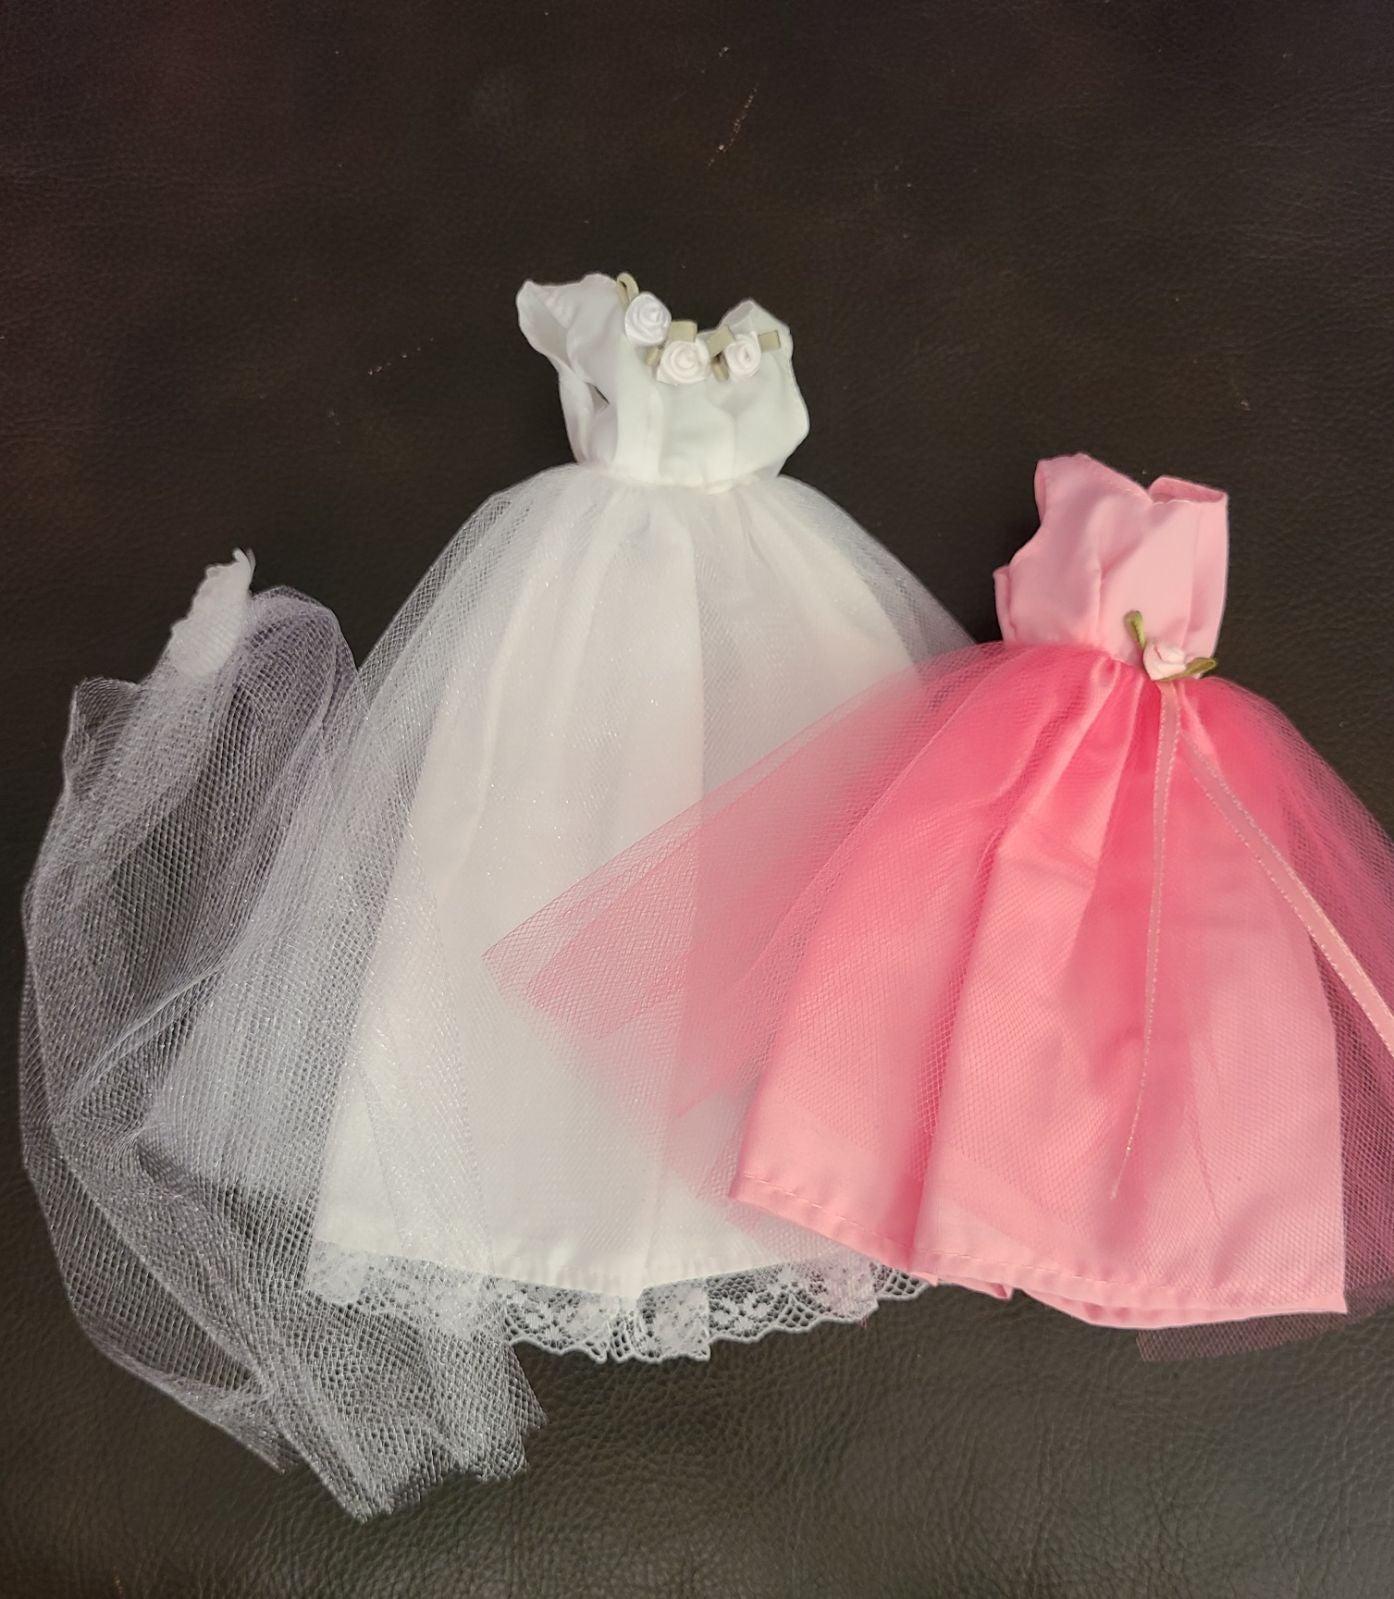 Handmade Fashion Doll Bridal Dress